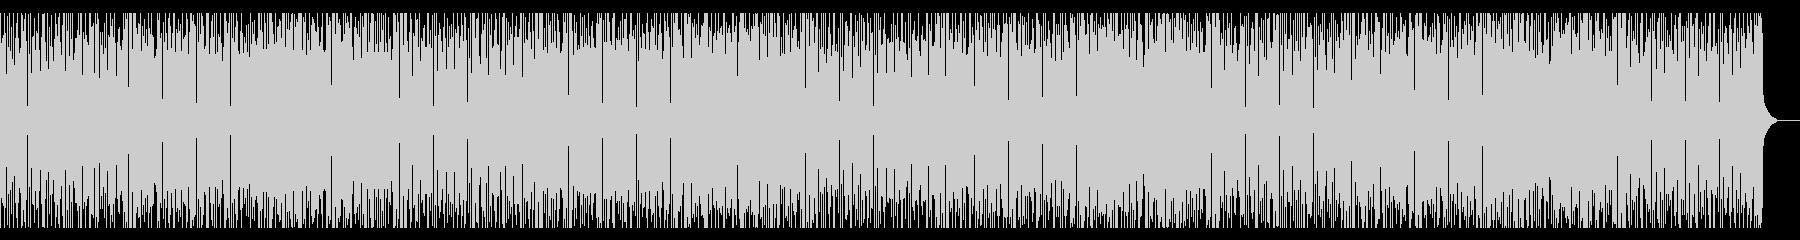 パズルゲーム風の元気なギターBGMの未再生の波形